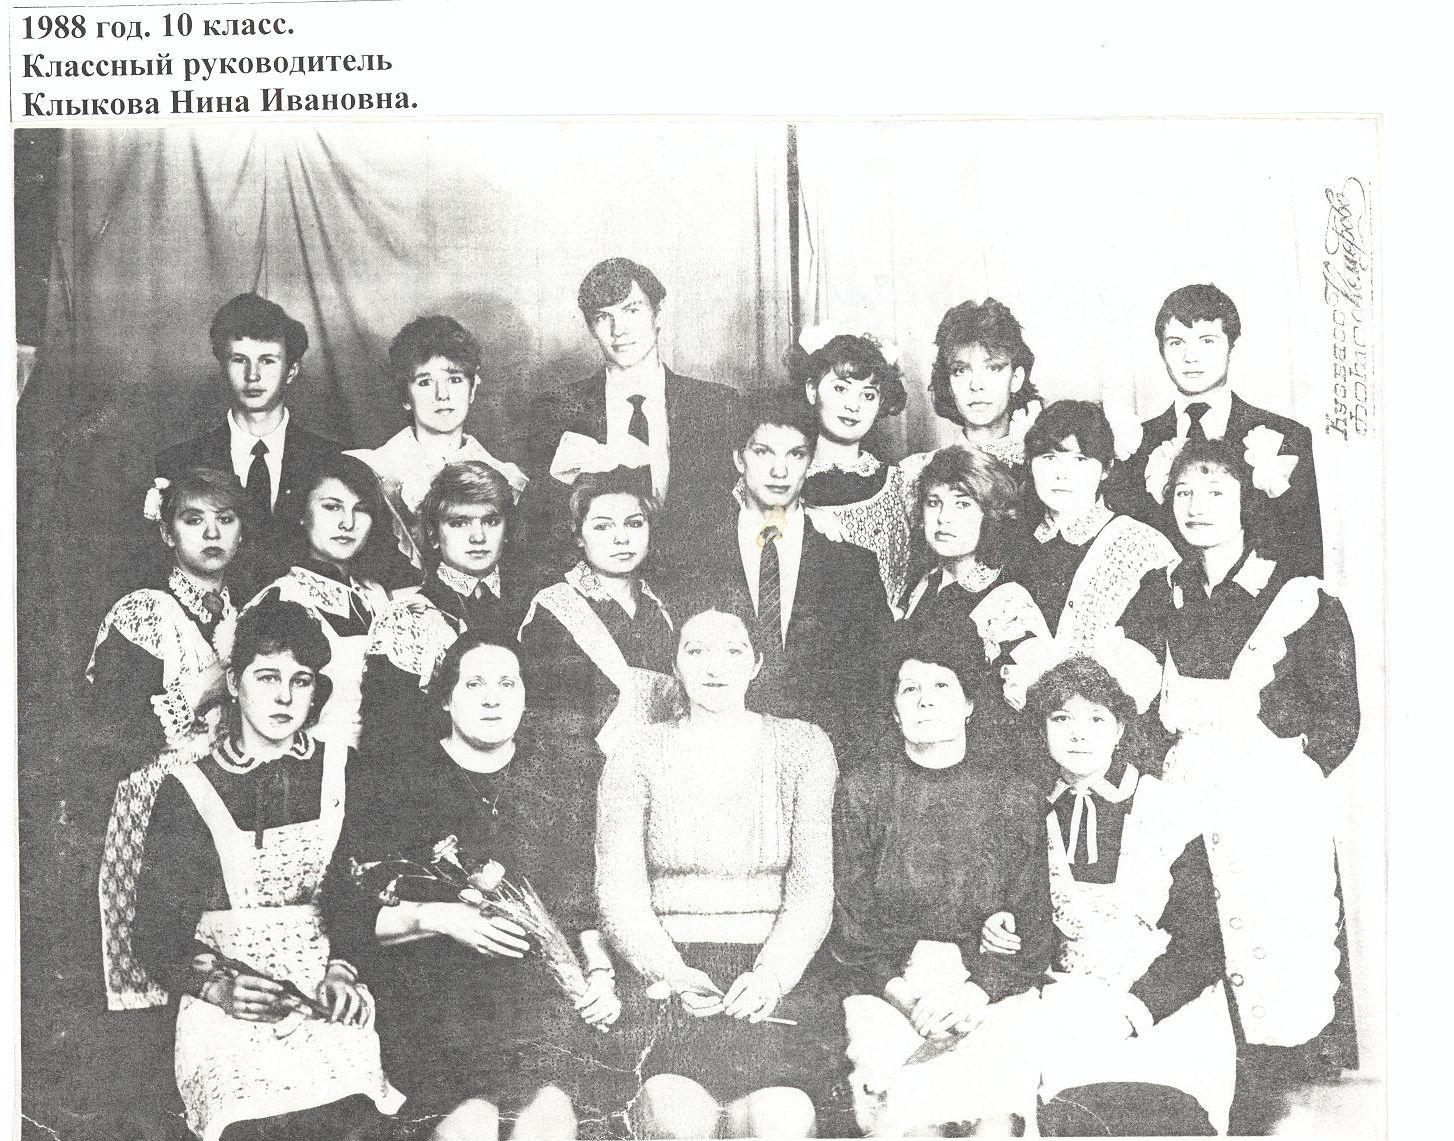 1988 год 10 кл учитель Клыкова Нина Ивановна школа 16 Кемерово